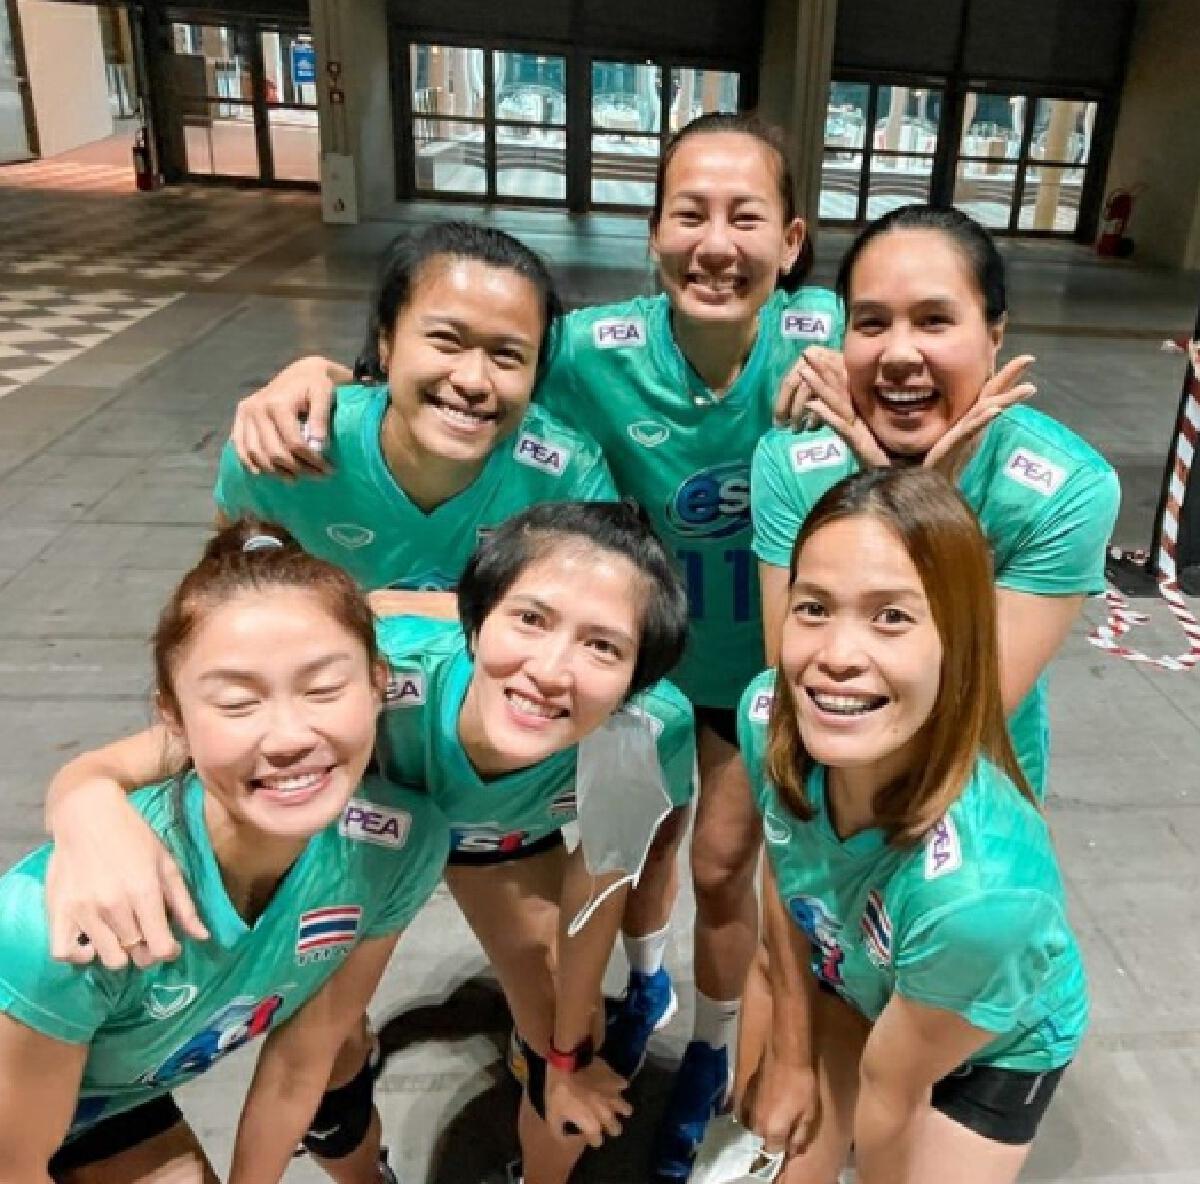 นักวอลเลย์บอลทีมชาติไทย อำลา